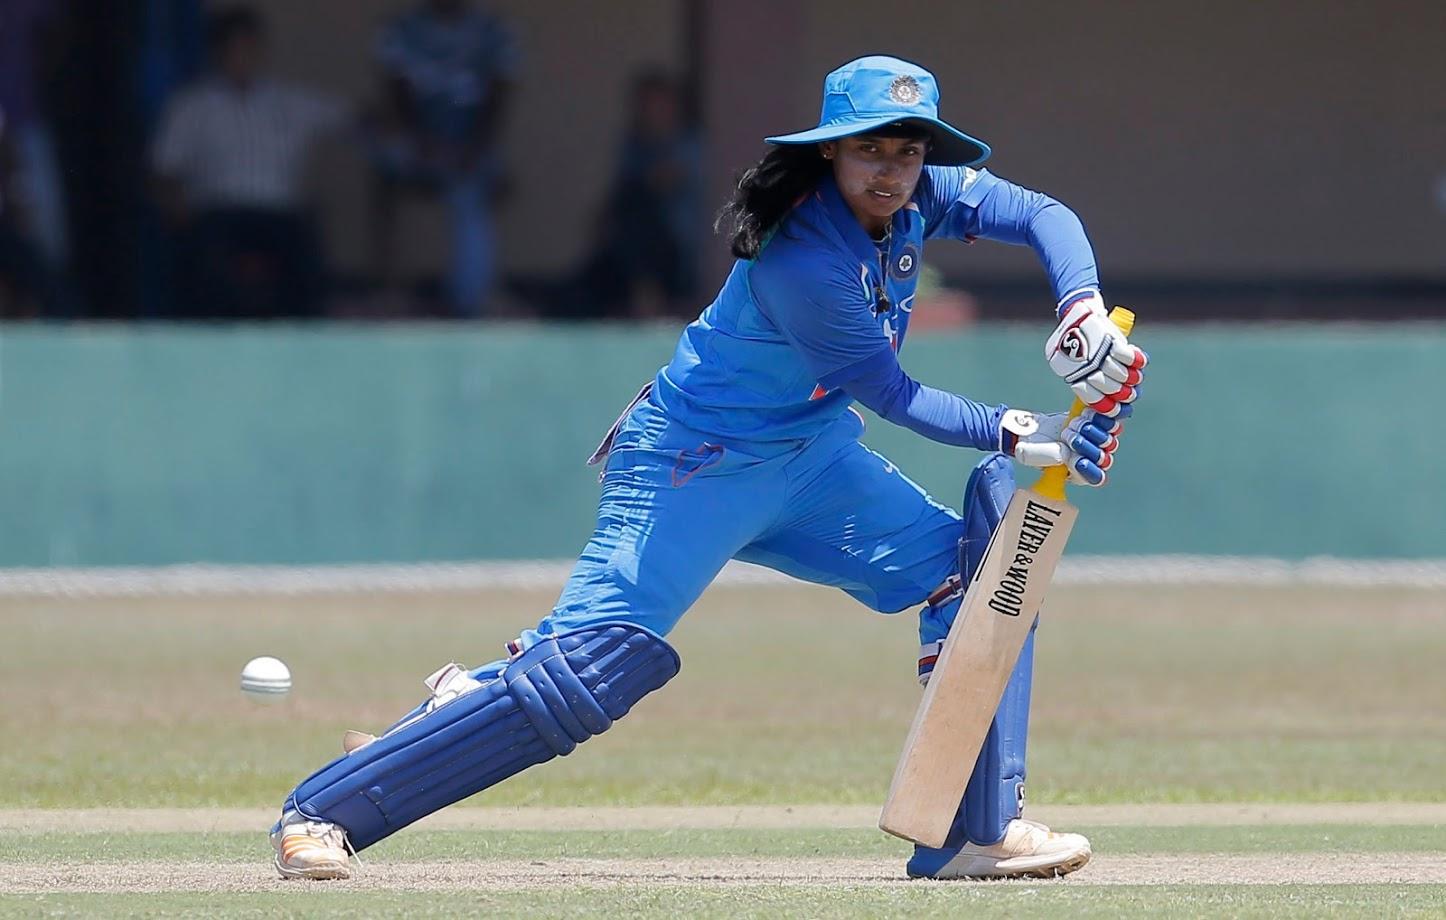 त्यांनी मितालीला क्रिकेट कोचिंग द्यायचं ठरवलं. मिताली लहानपणी फार आळशी होती. तिच्या या आळसाला दोराई राजा फार वैतागले होते. मिताली तिच्या मोठ्या भावासोबत क्रिकेट खेळायला जायची. हळूहळू तिचा या खेळात रस निर्माण झाला.